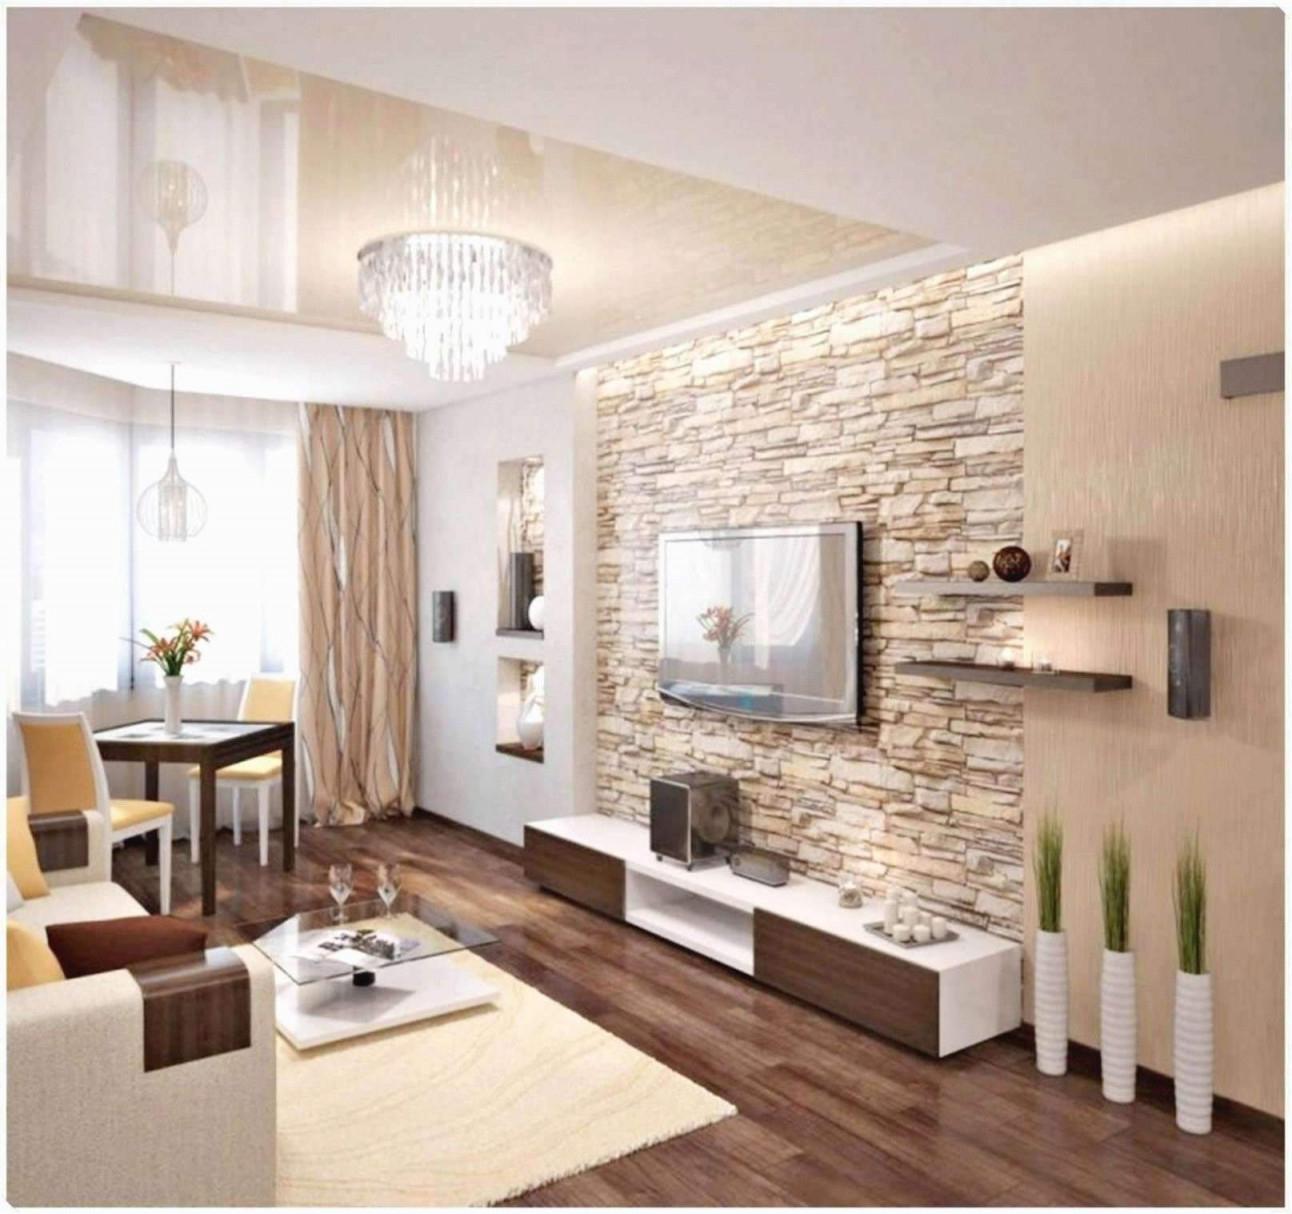 27 Schön Wohnzimmer Neu Gestalten Vorher Nachher Reizend von Wohnzimmer Neu Einrichten Bild